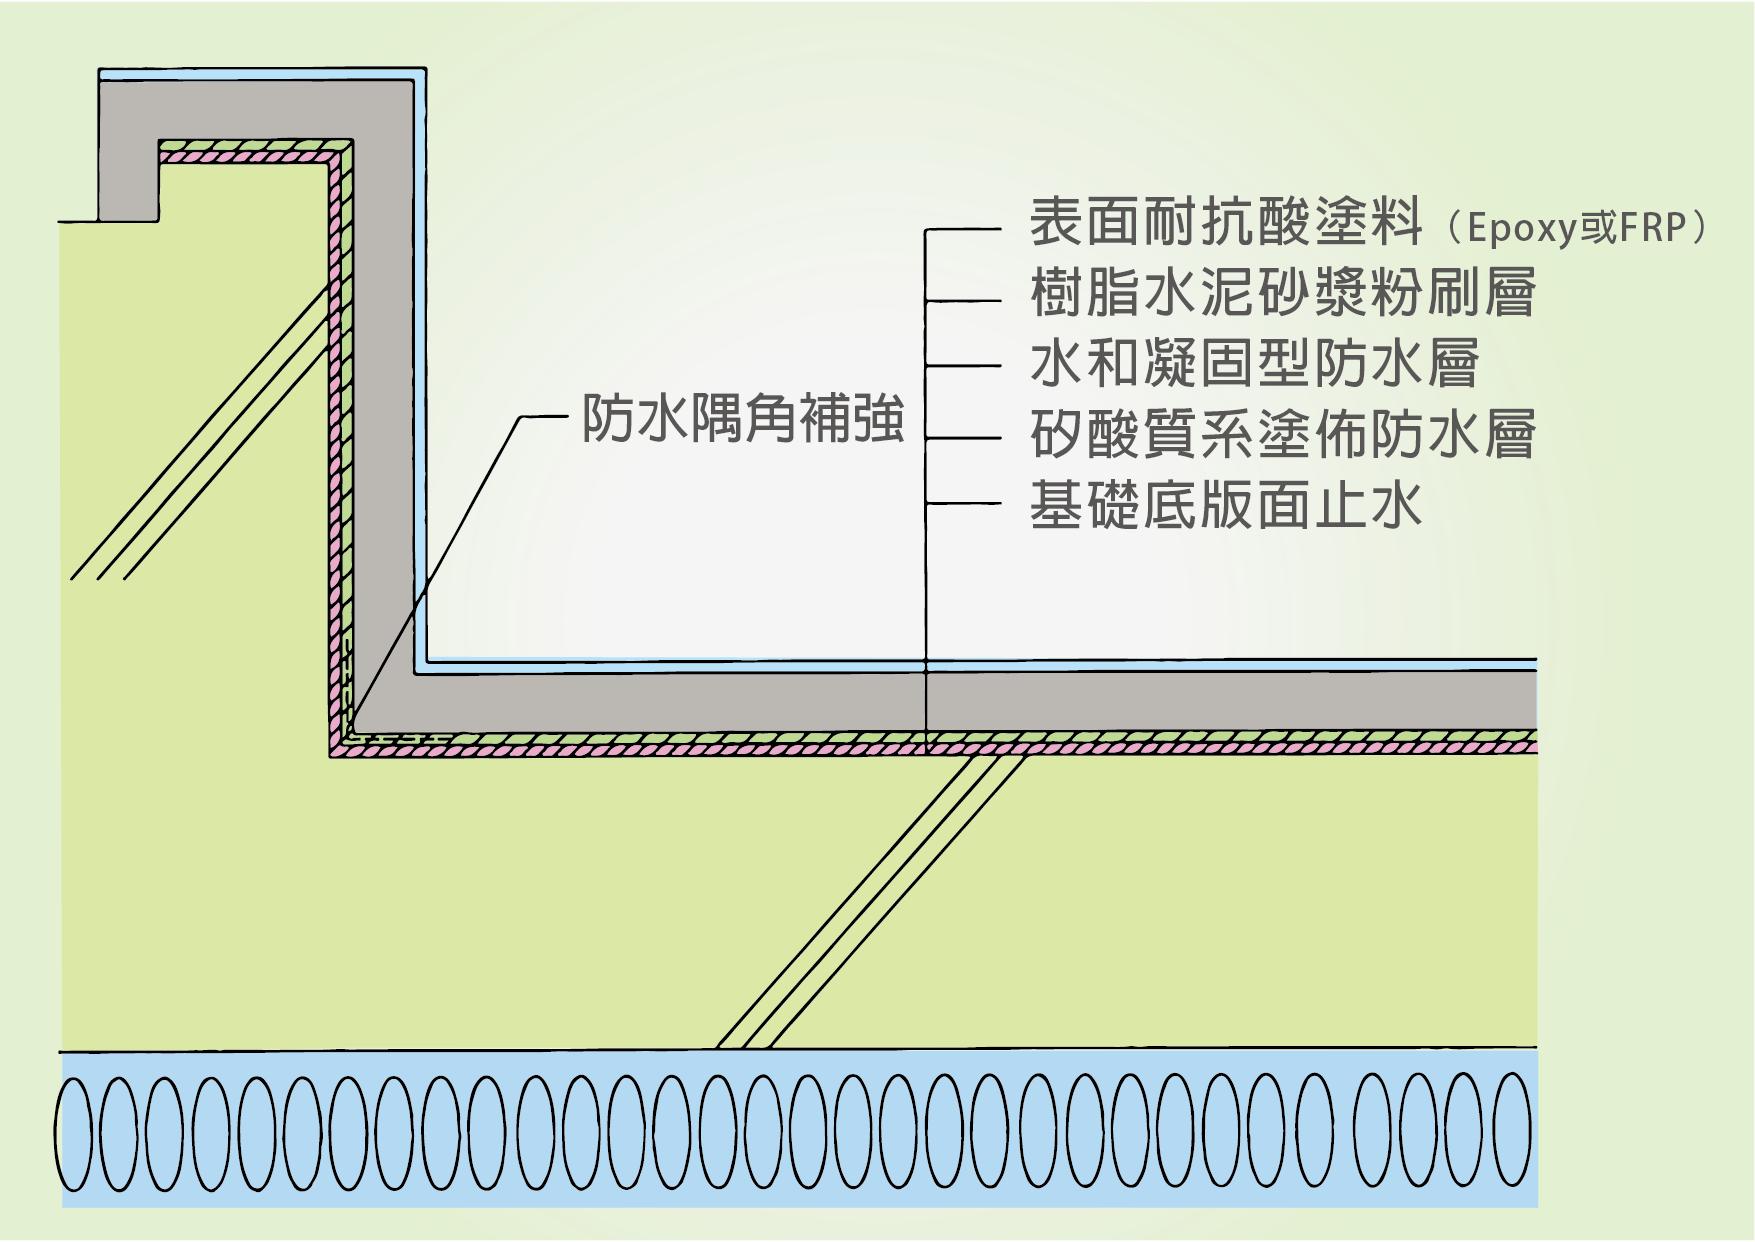 圖2-4-85.png